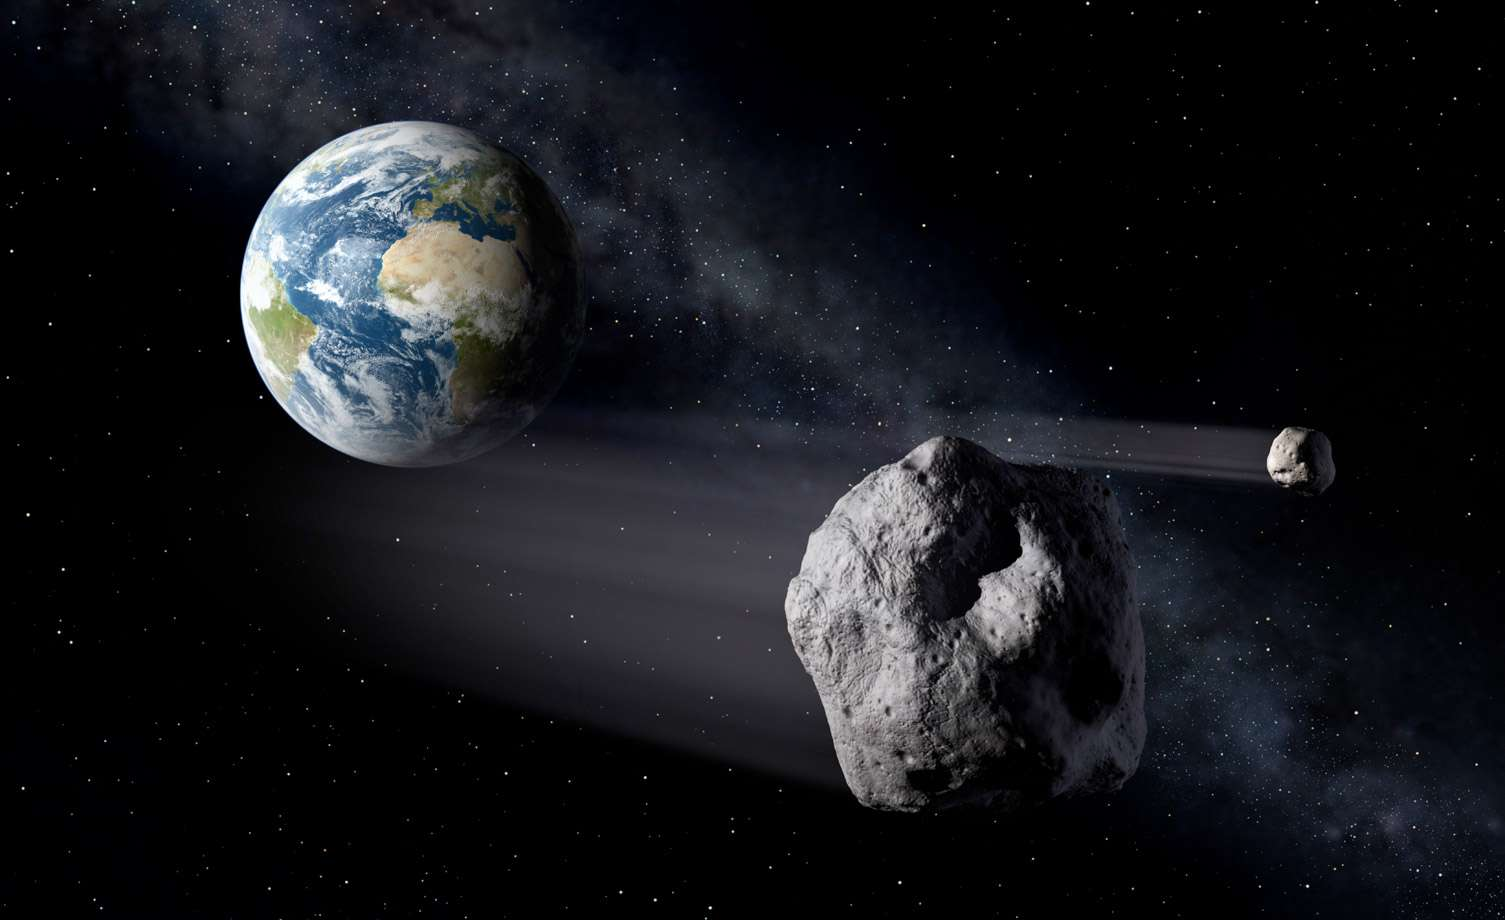 Cette vue d'artiste montre des astéroïdes aux environs de la Terre. Les experts de l'Esa souhaitent coordonner leurs efforts en matière de détection et éventuellement de déviation de ces objets dangereux. © P. Carril, Esa